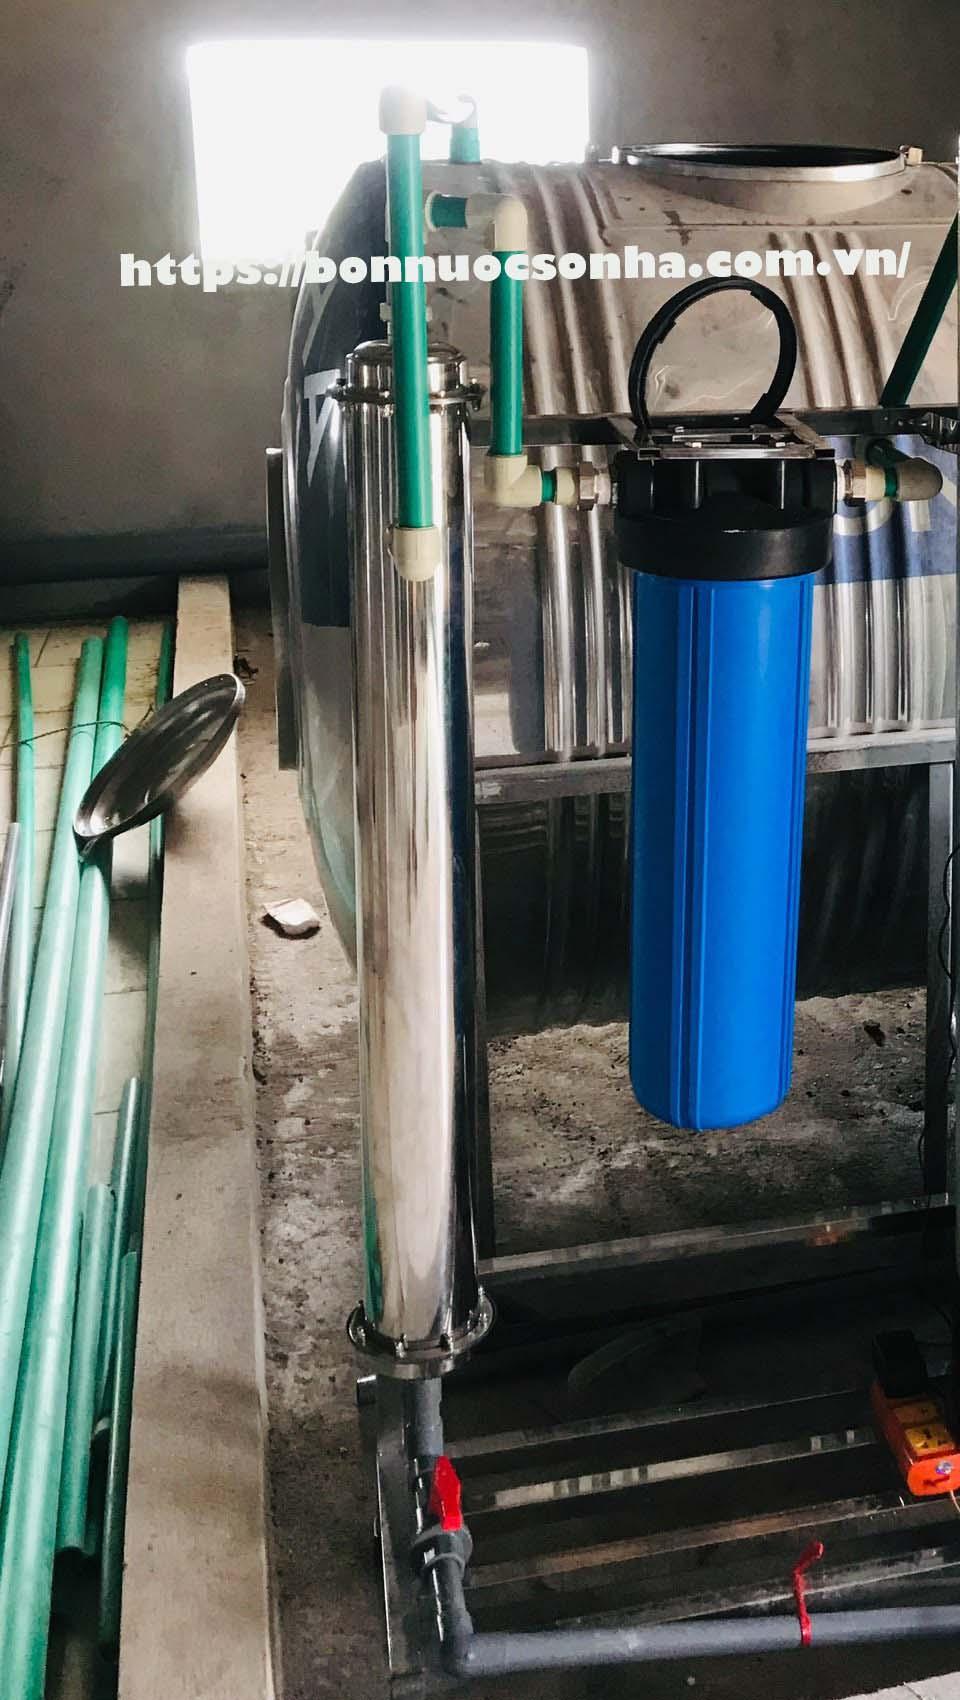 Một số cách lắp đặt lọc nước đầu nguồn, lọc tổng đảm bảo hiệu suất nhất